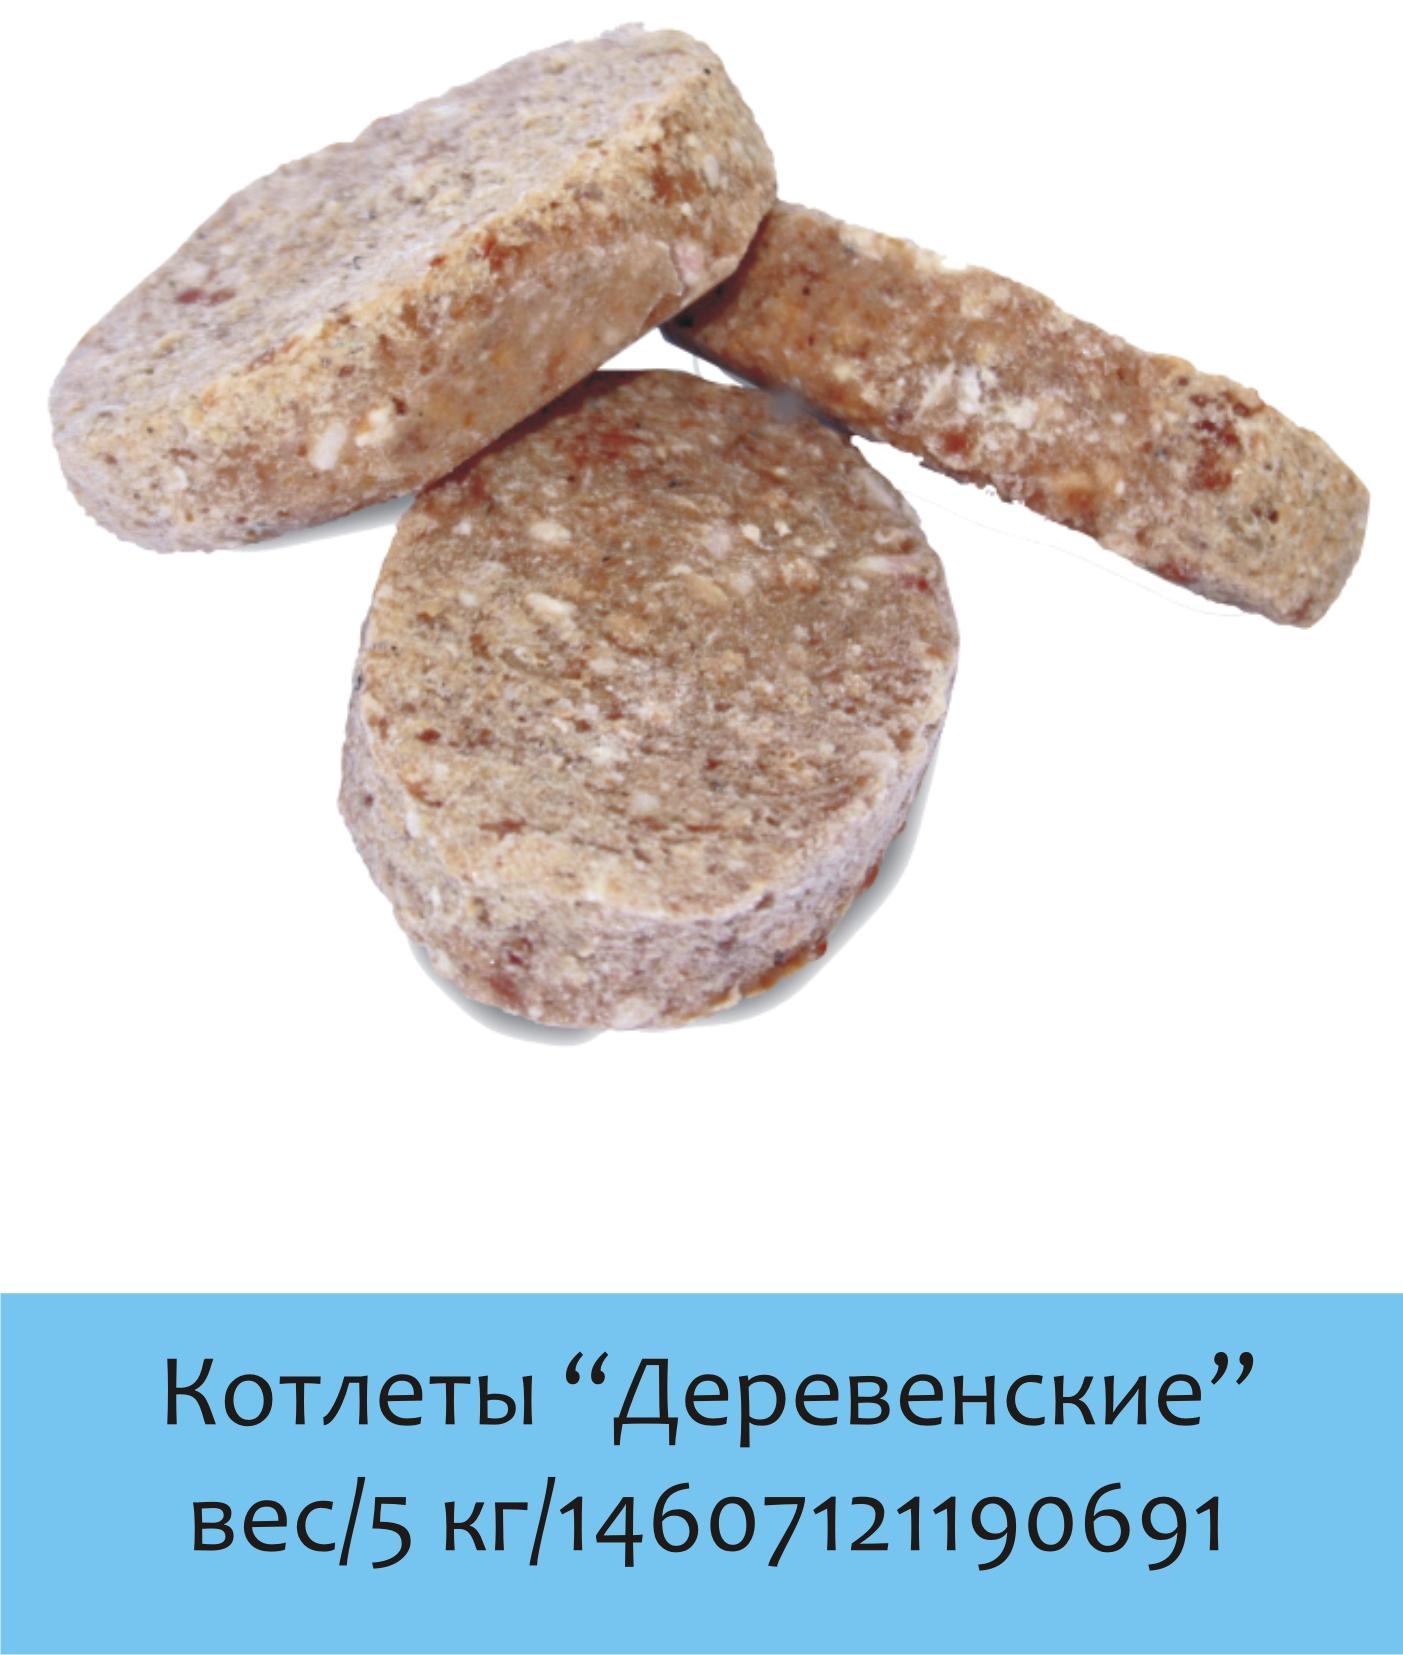 котлеты Деревенские весовые